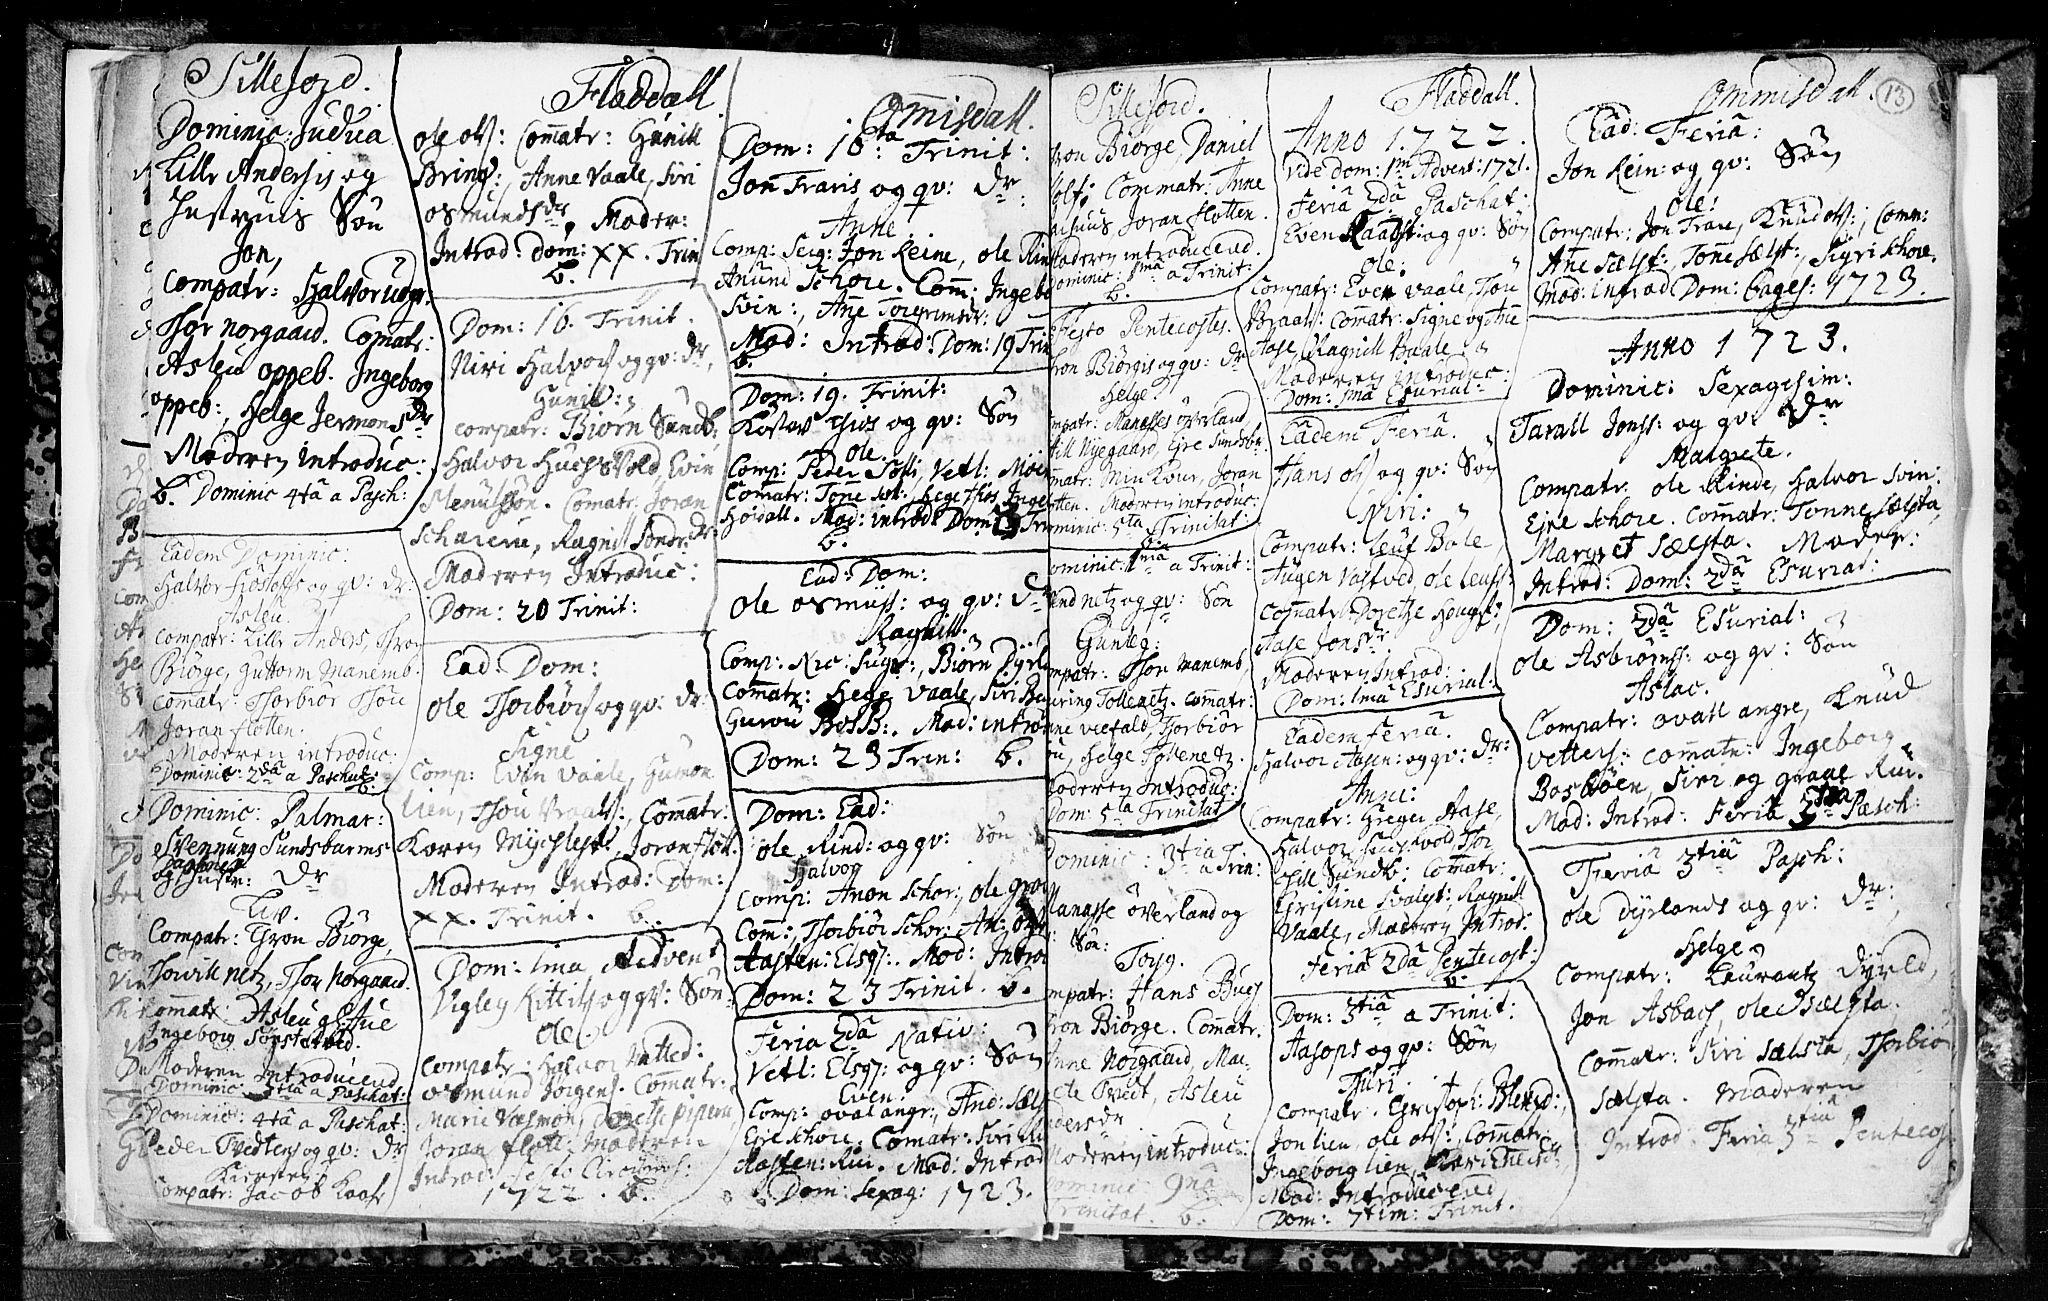 SAKO, Seljord kirkebøker, F/Fa/L0003: Ministerialbok nr. I 3, 1714-1725, s. 13